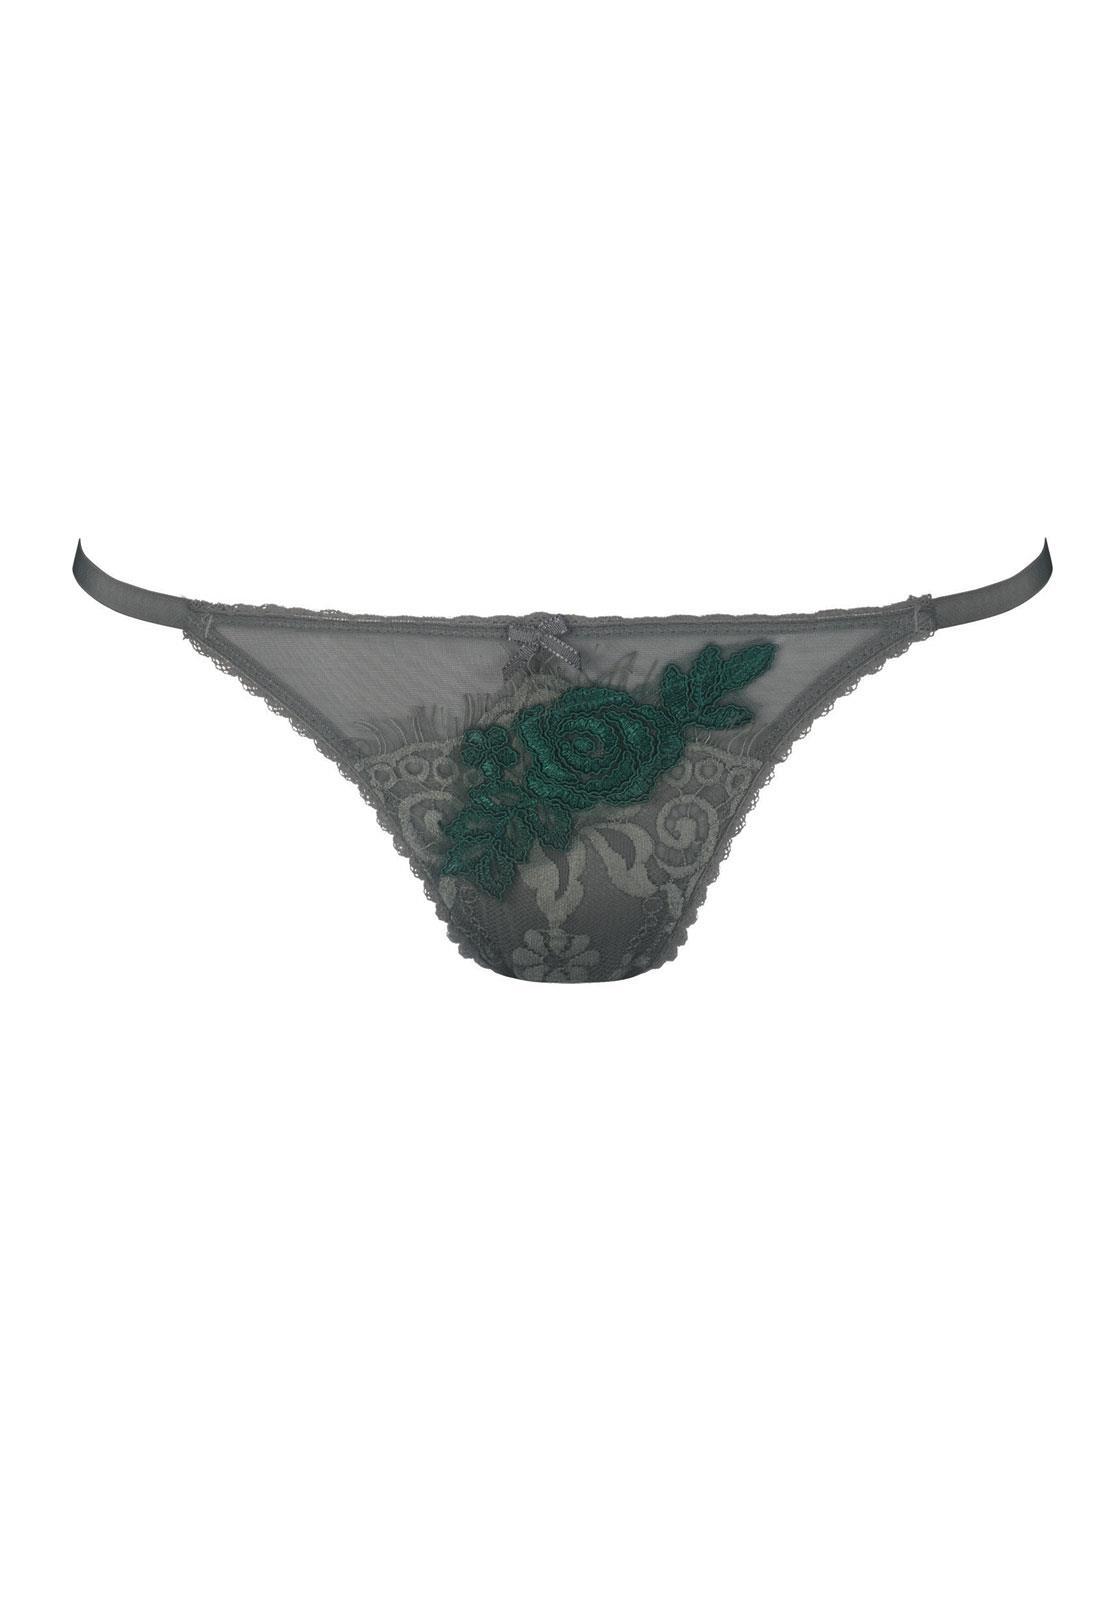 6a48b7062 Calcinha String Fio Duplo Emerald De Chelles - Le Lingerie